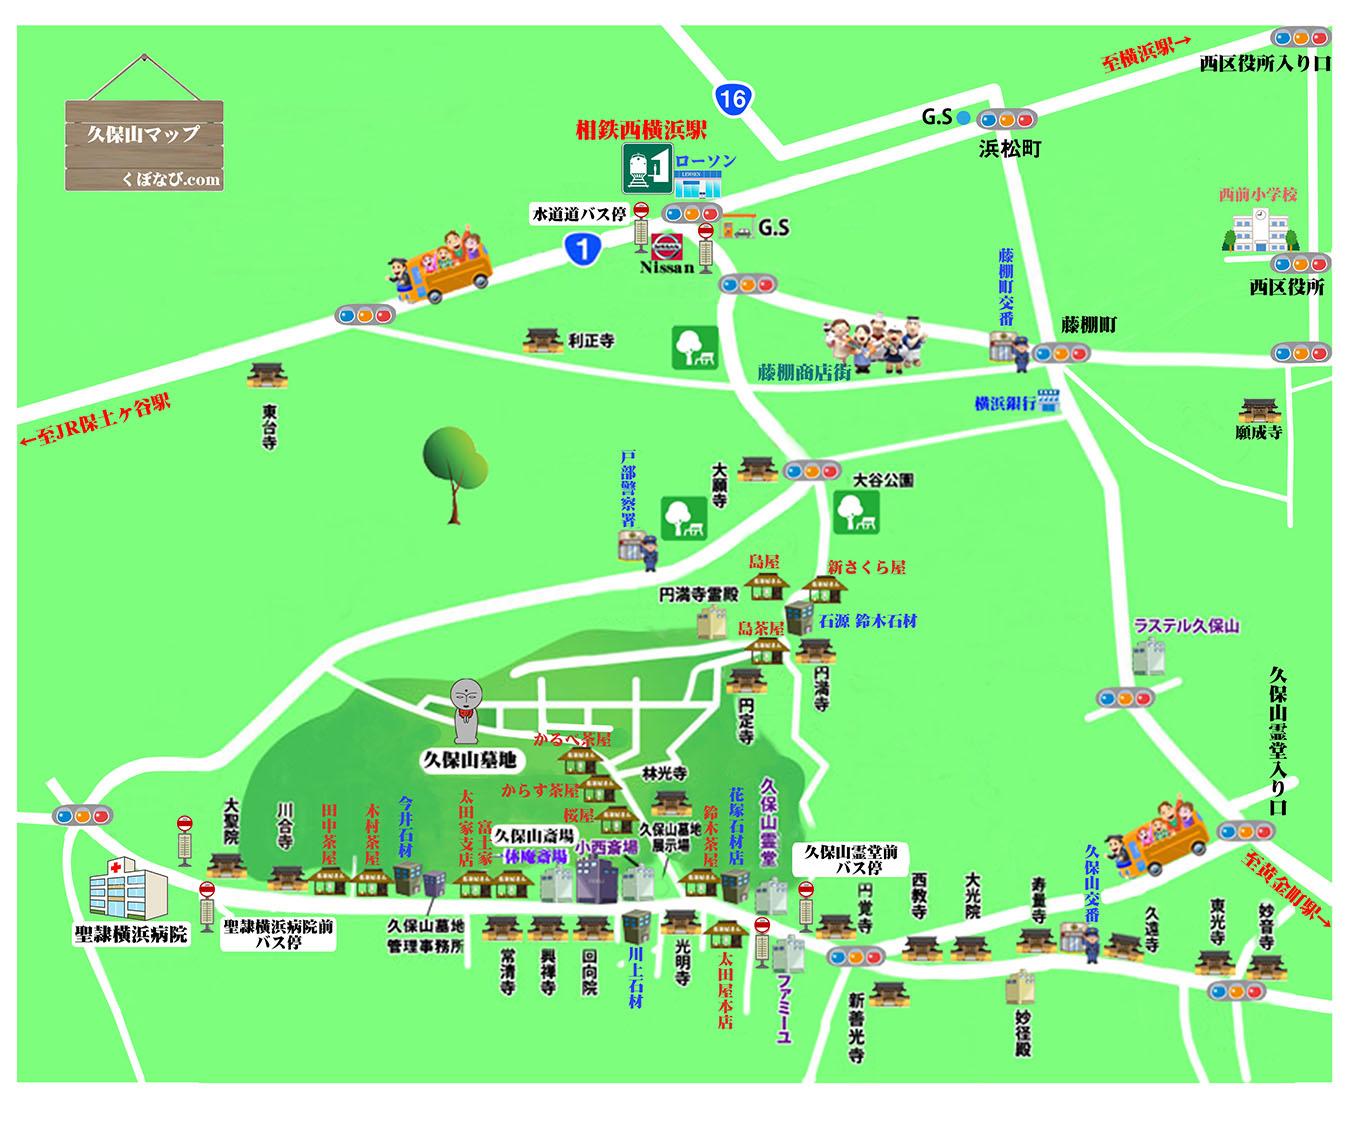 久保山マップ1